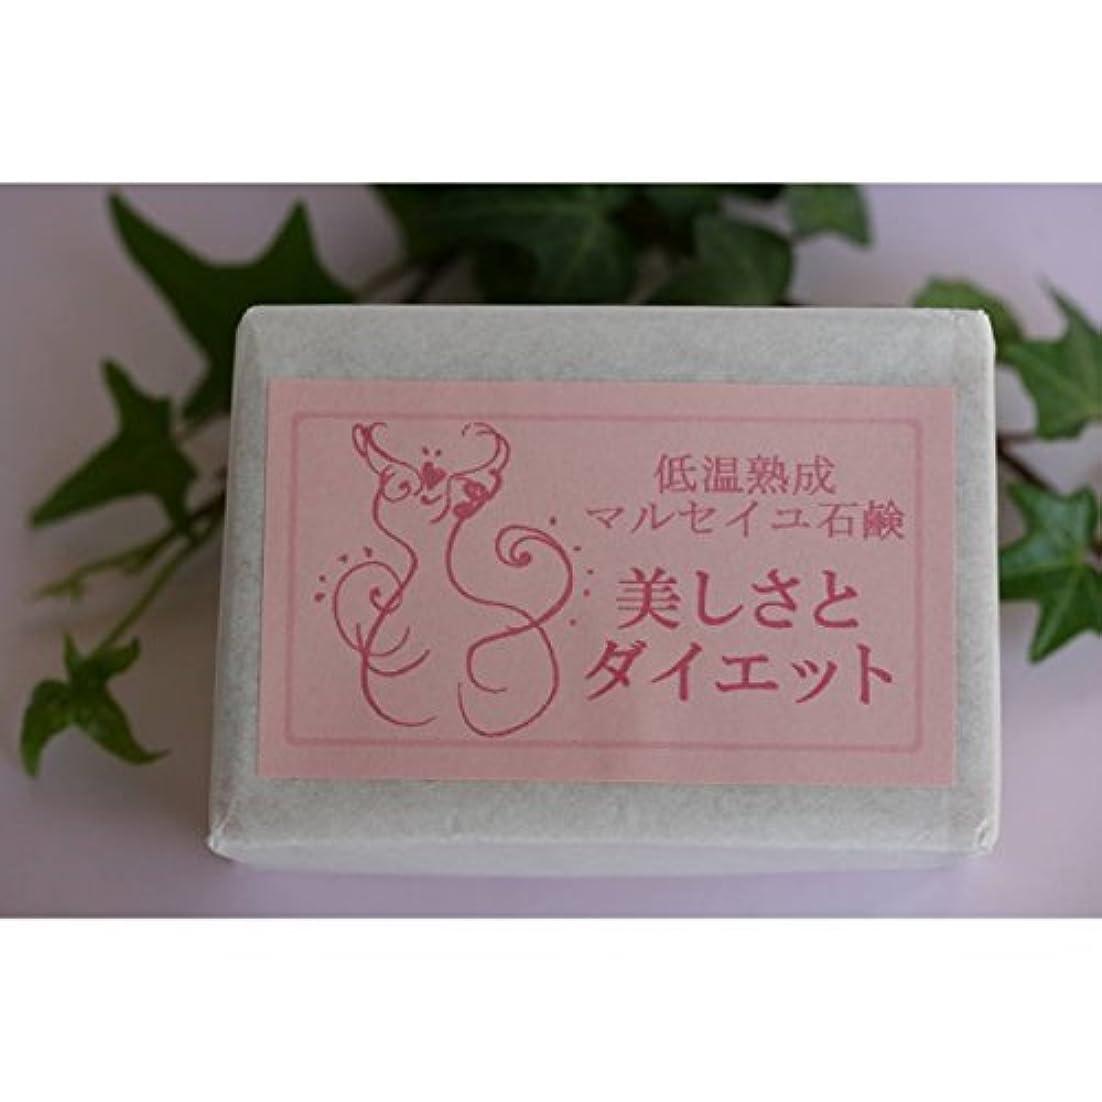 レキシコンまで実証するマウントフジ フラワーエッセンス 低温熟成 マルセイユ石鹸 美しさとダイエット (MTFUJI FLOWER ESSENCES)